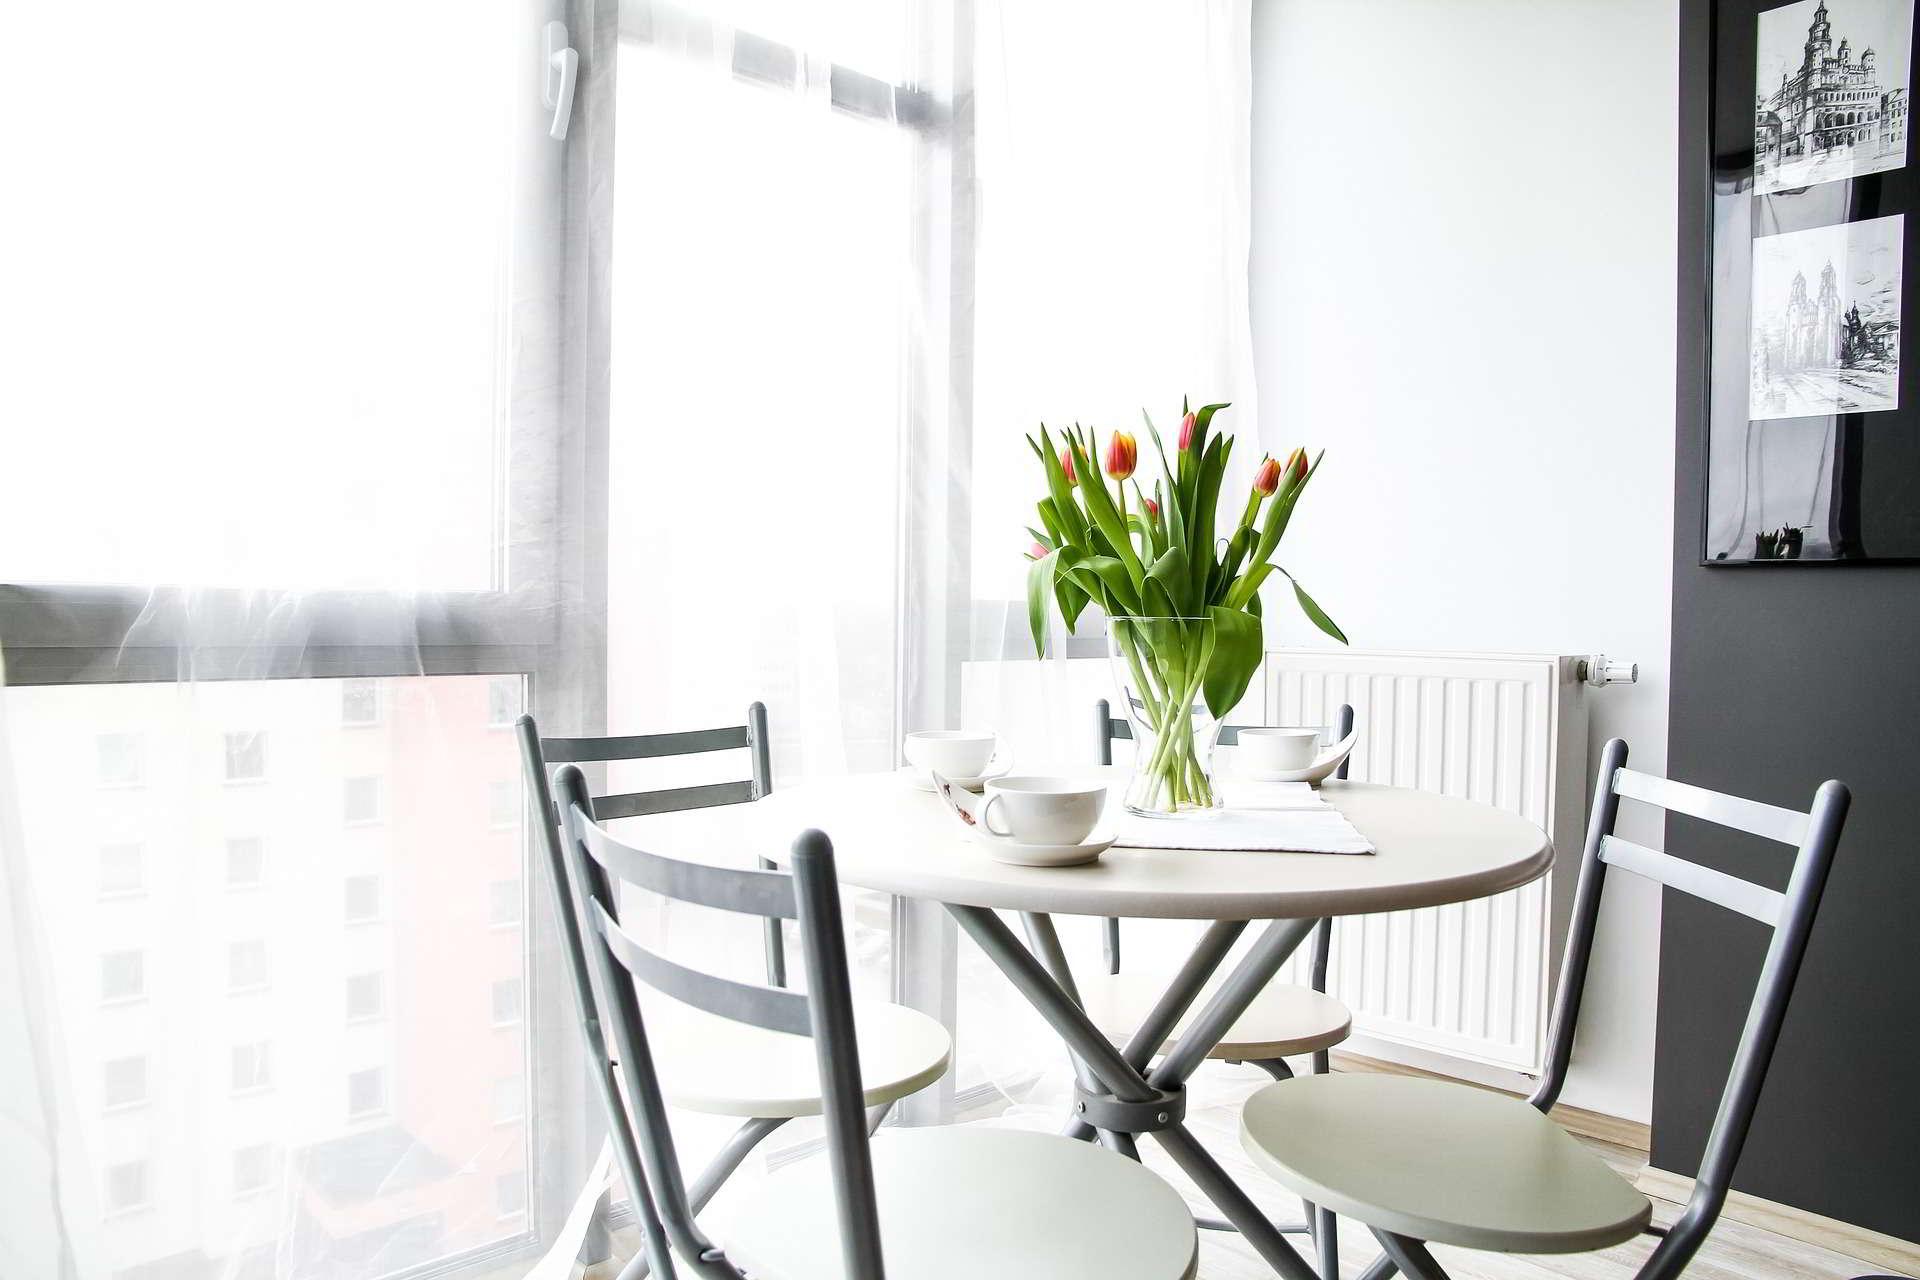 Mieszkania na sprzedaz - mdm